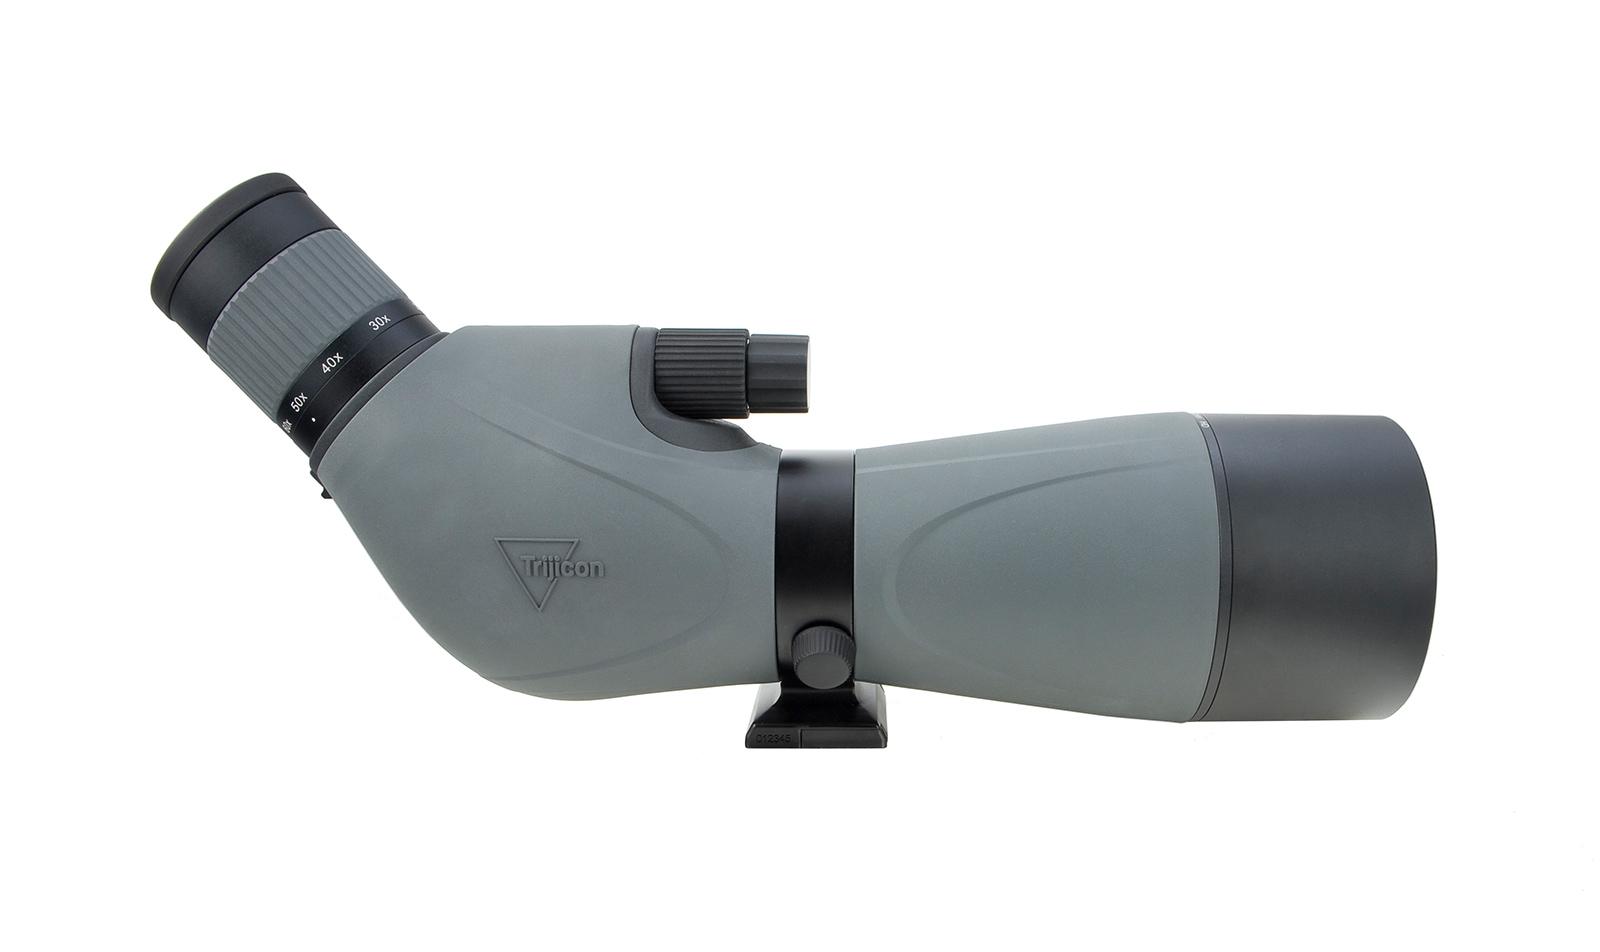 TSS01-C-2100000 angle 2